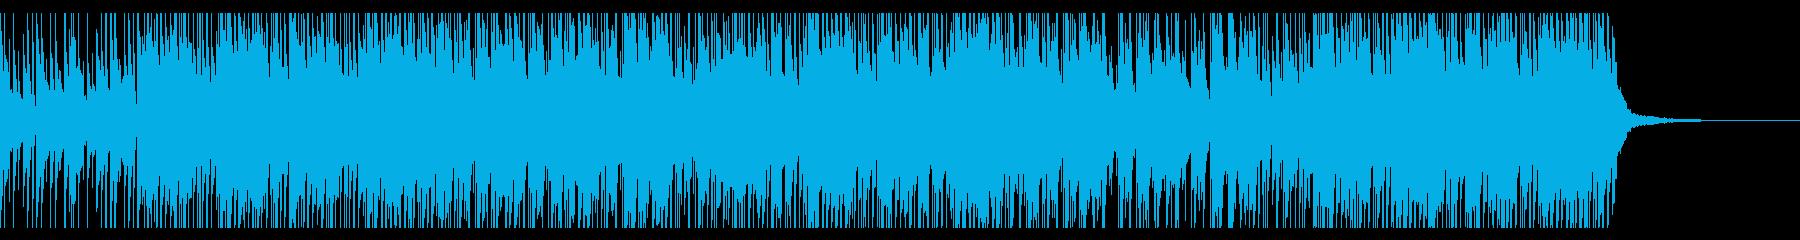 ゆったりとしたバラード調HIPHOPの再生済みの波形